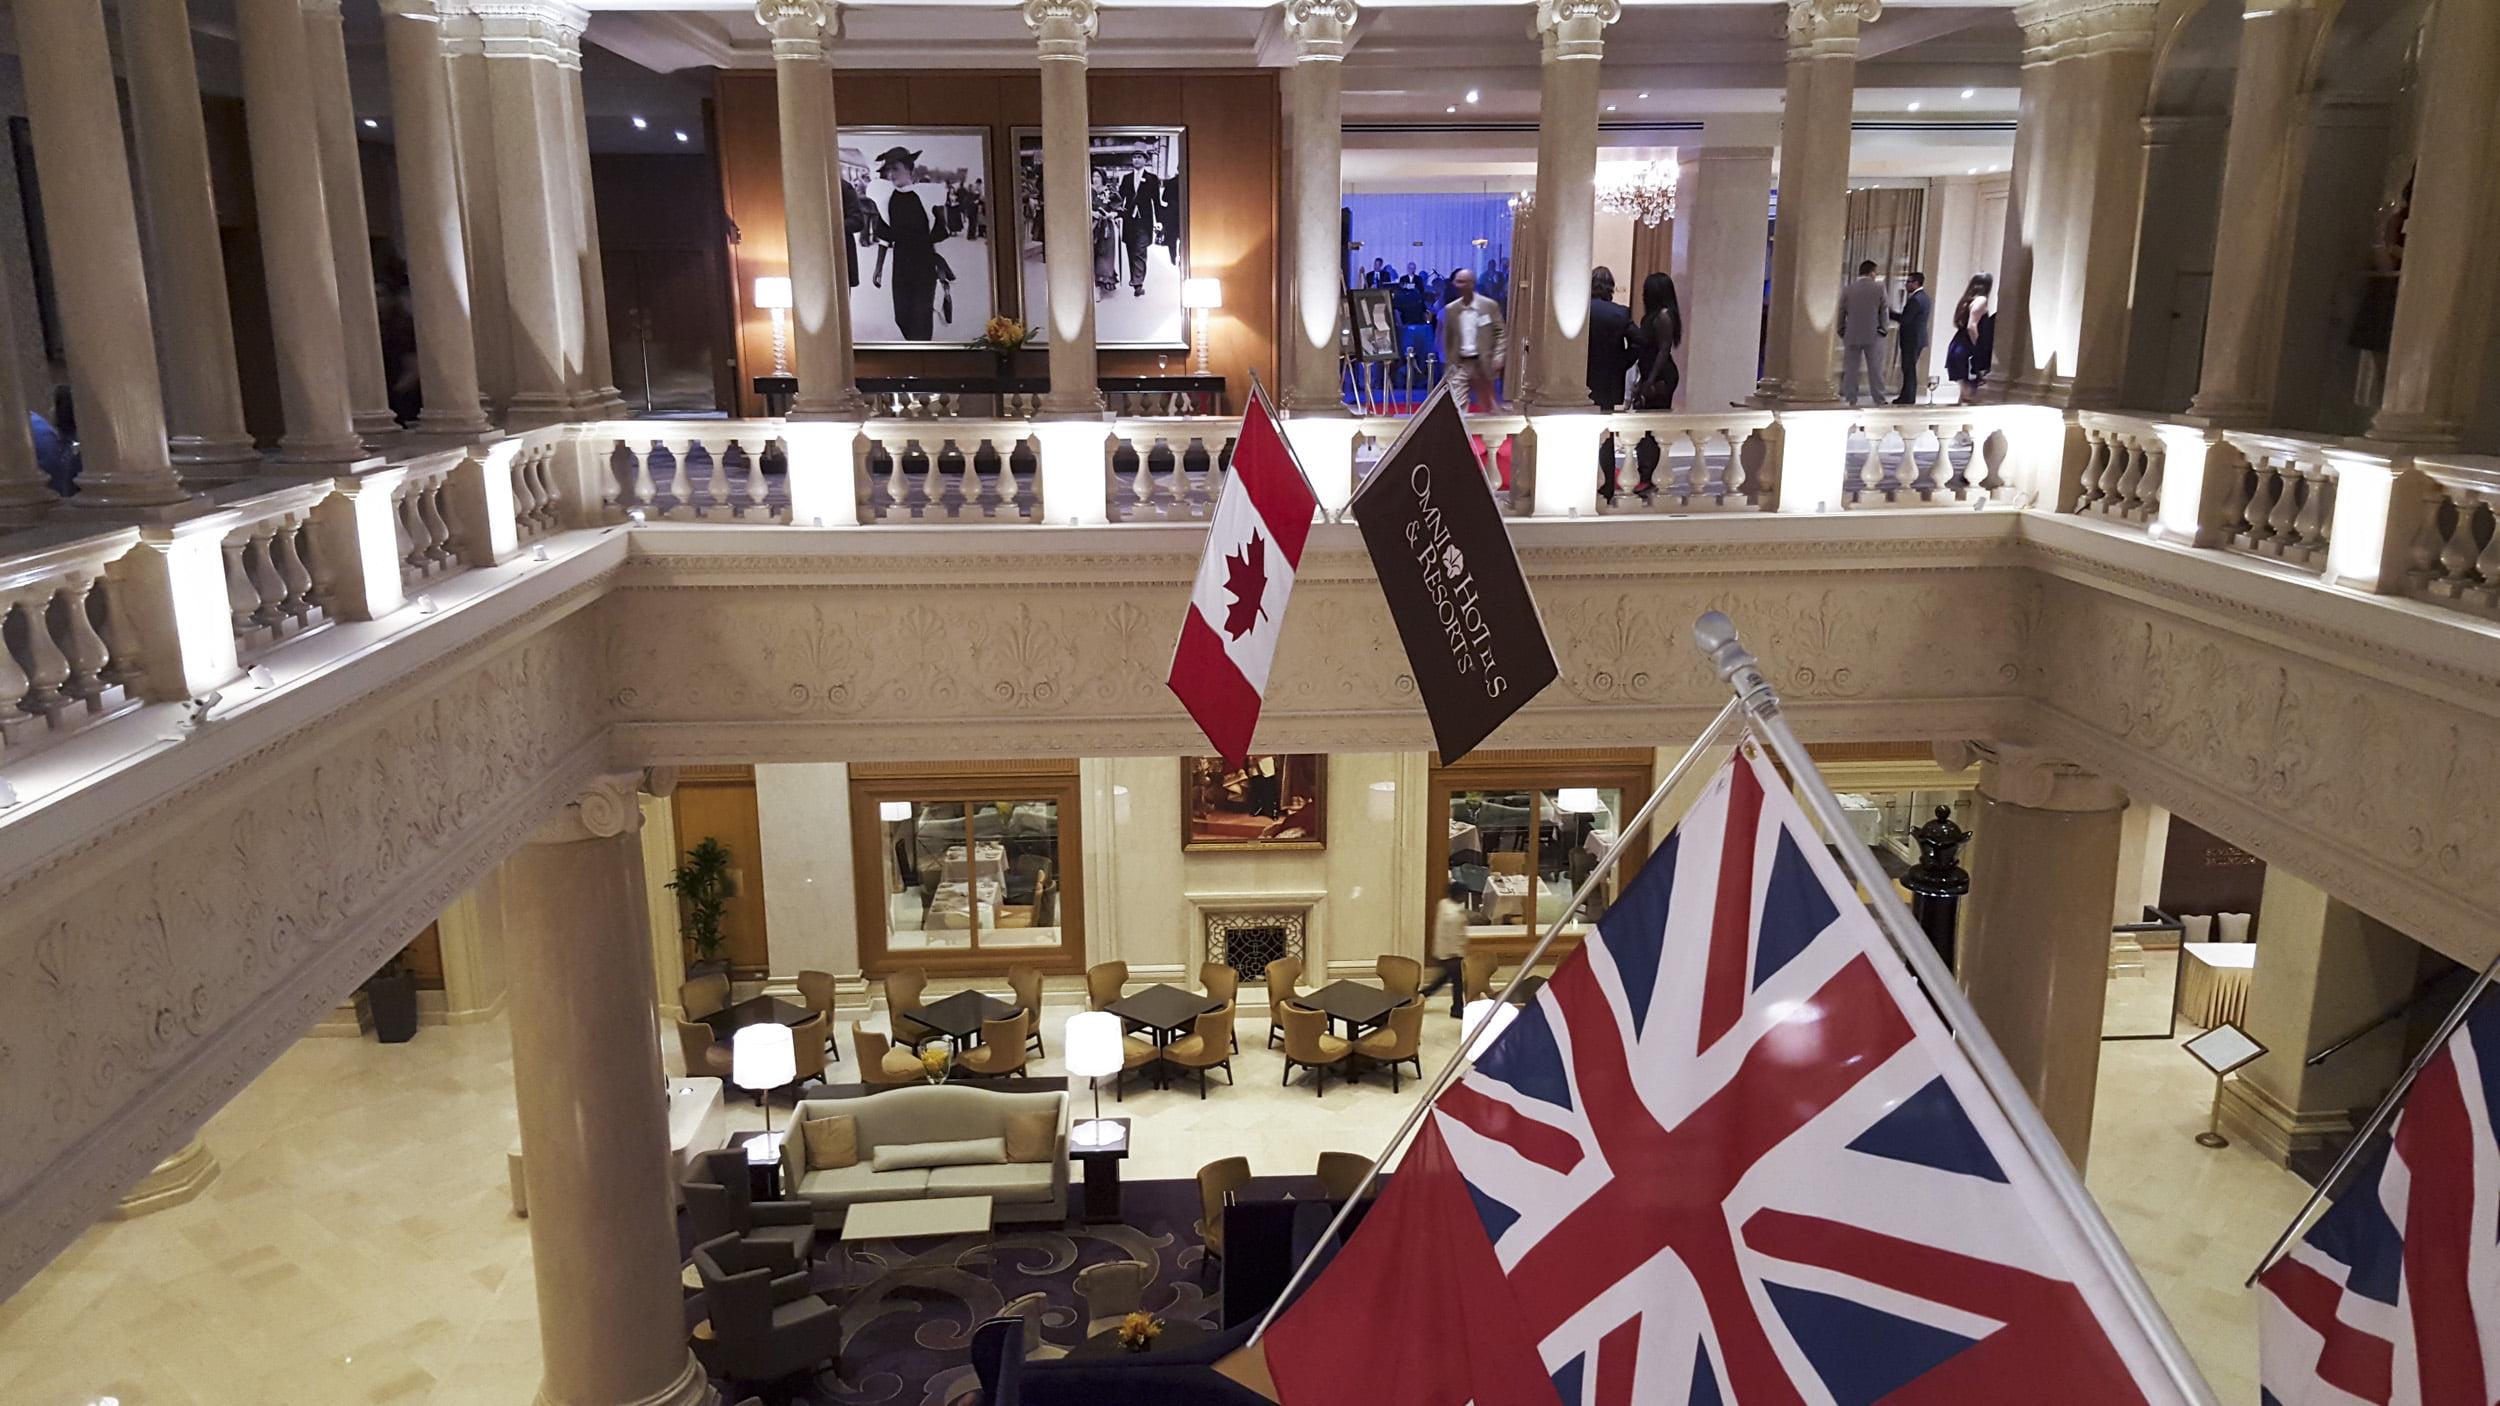 Omni King Edward Hotel lobby